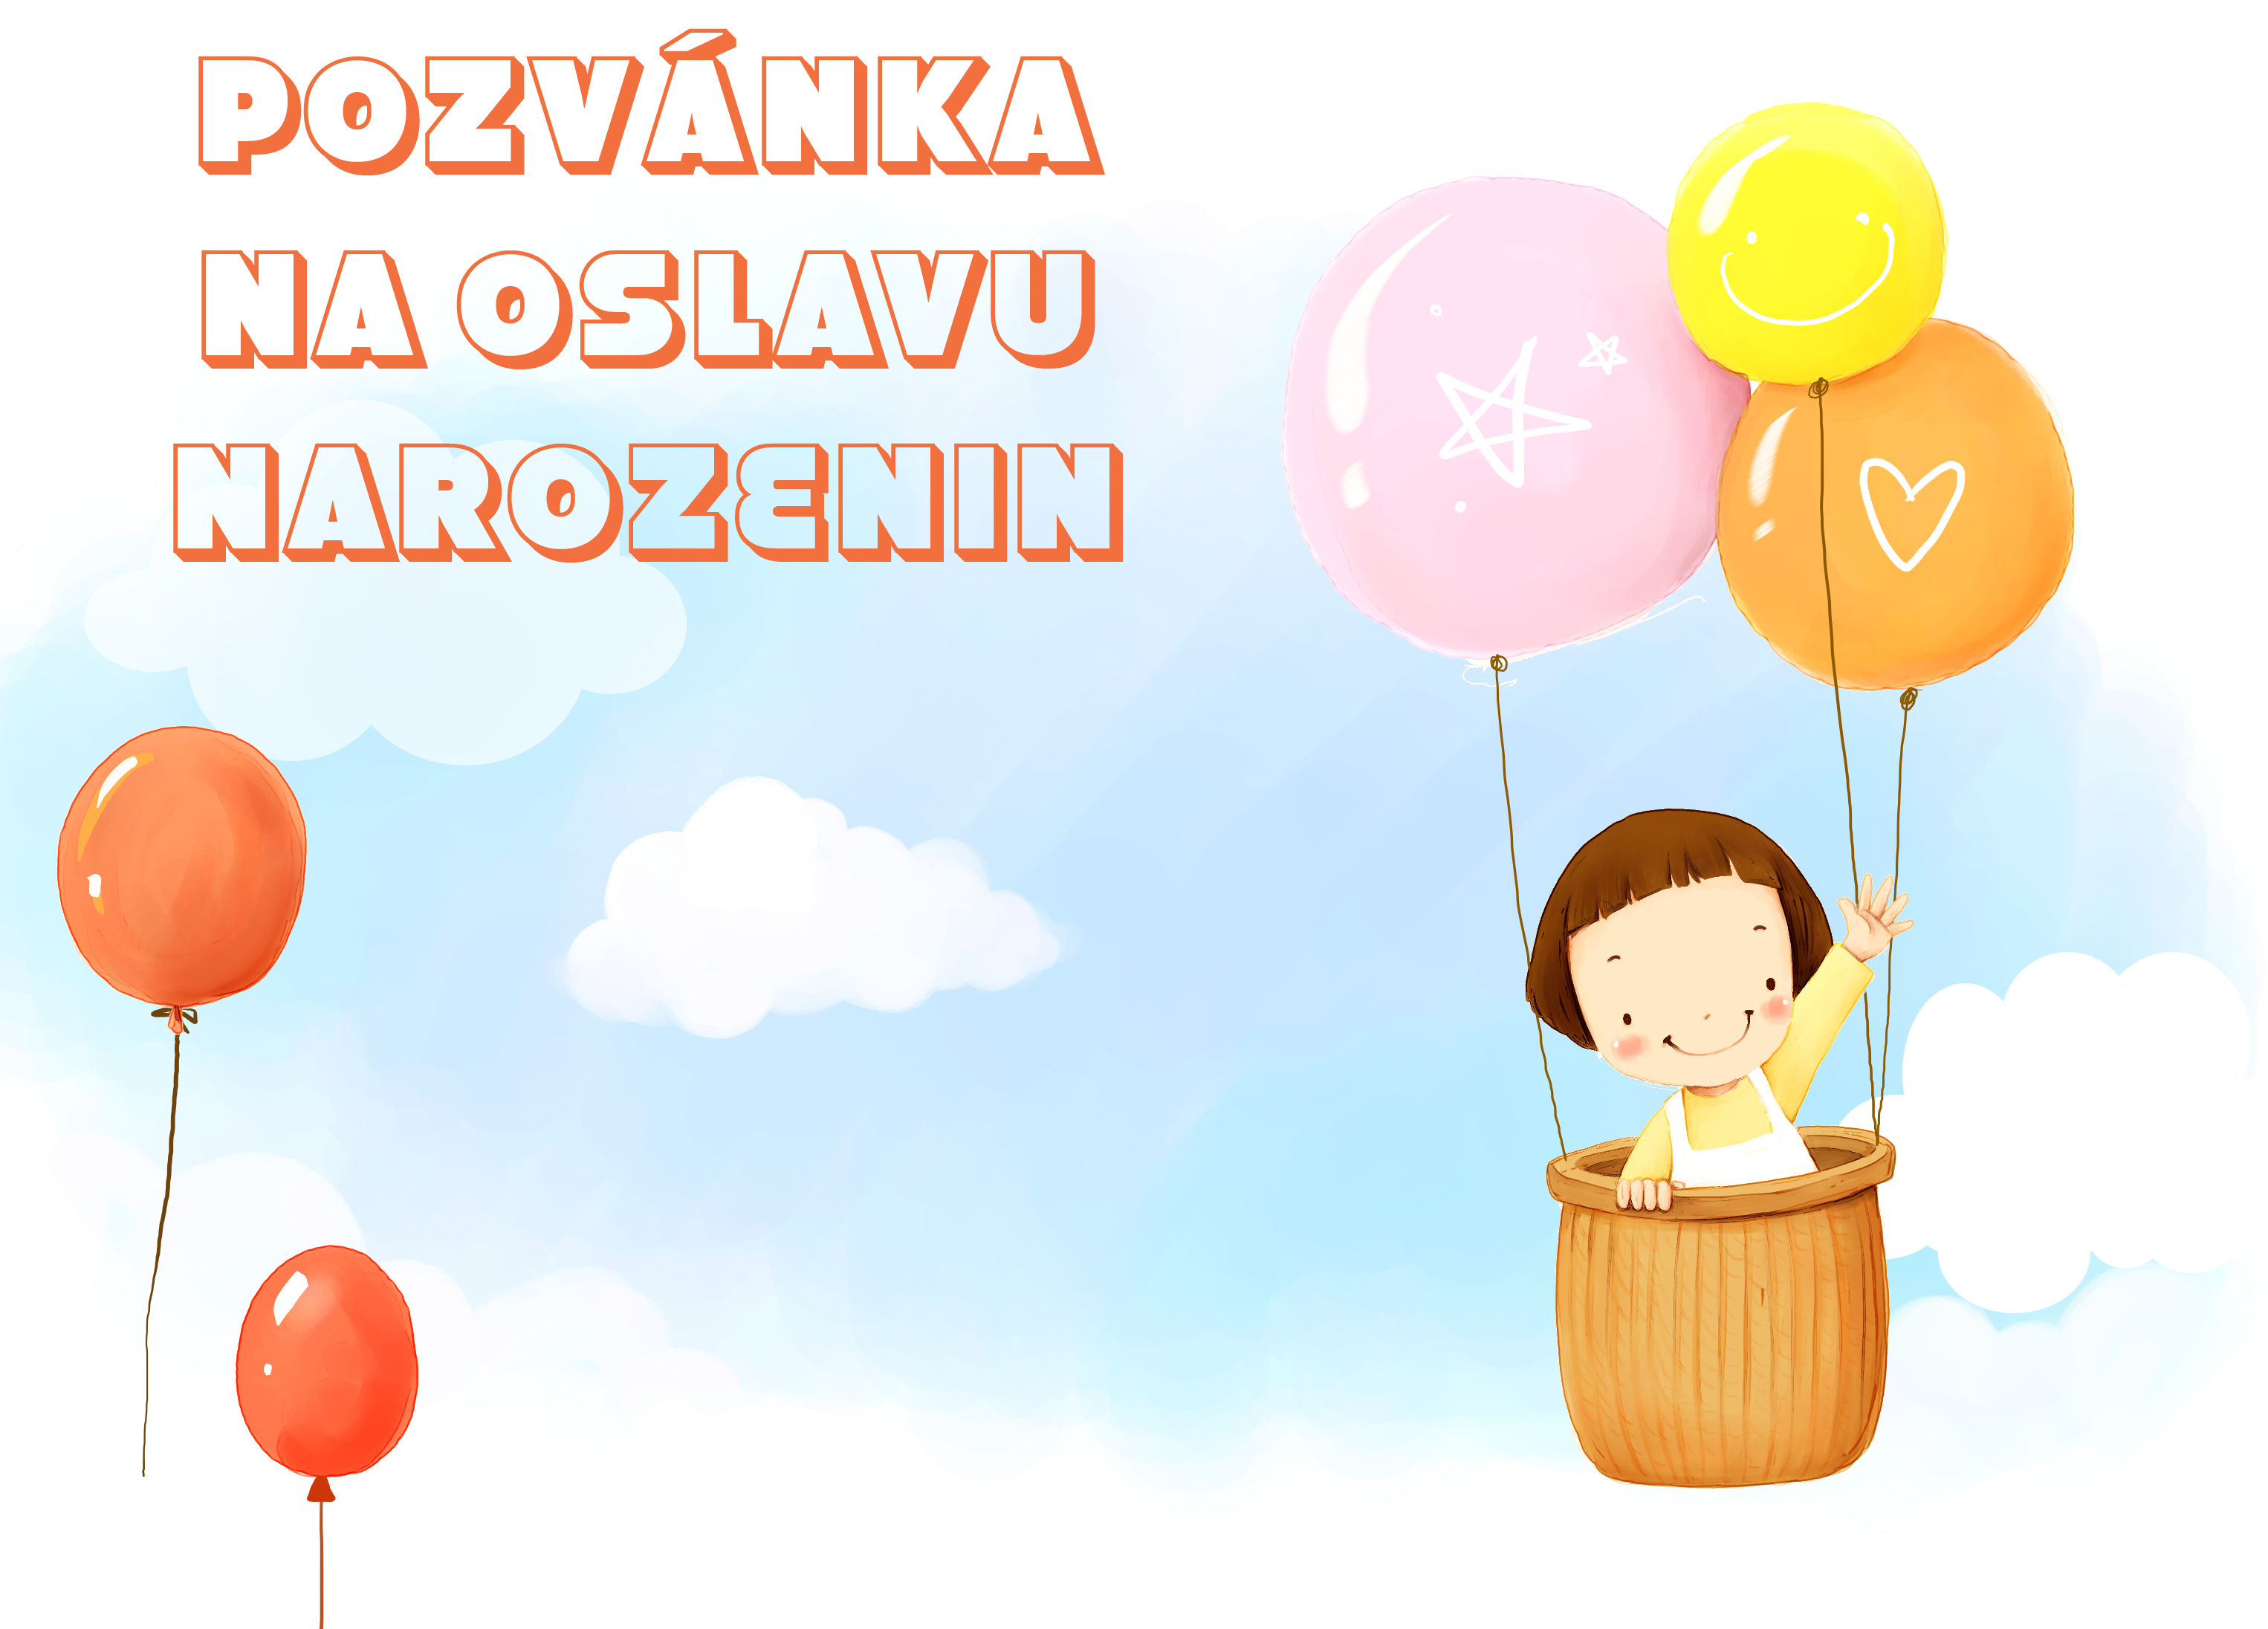 dětské pozvánky k narozeninám Pozvánky na oslavu narozenin pro děti   Domácí nápady dětské pozvánky k narozeninám